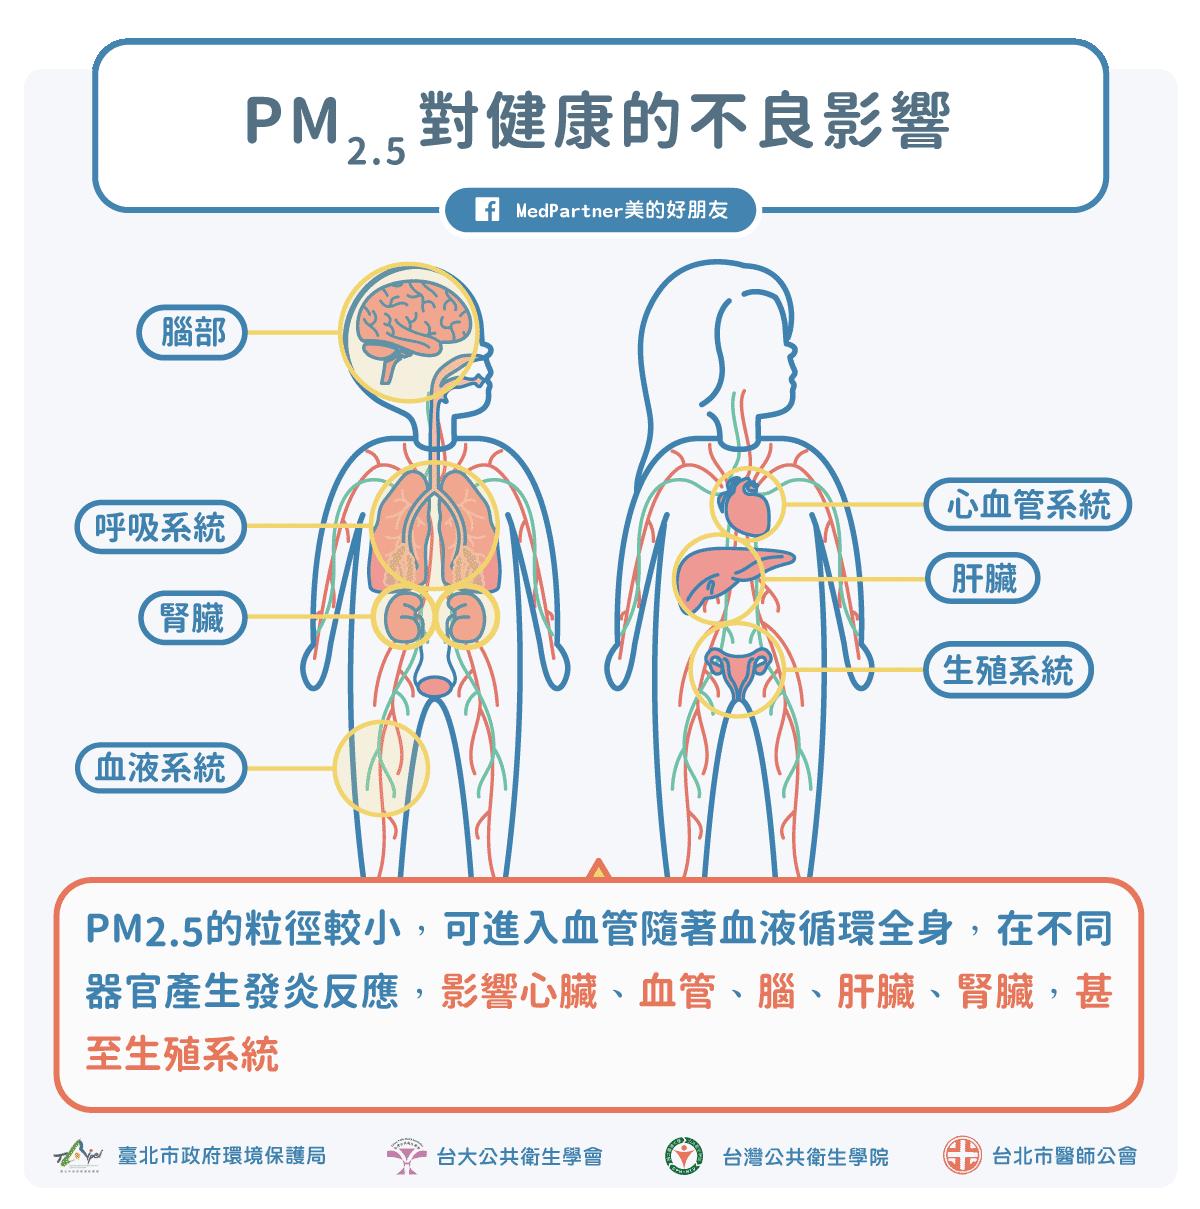 空汙PM2.5對健康的影響